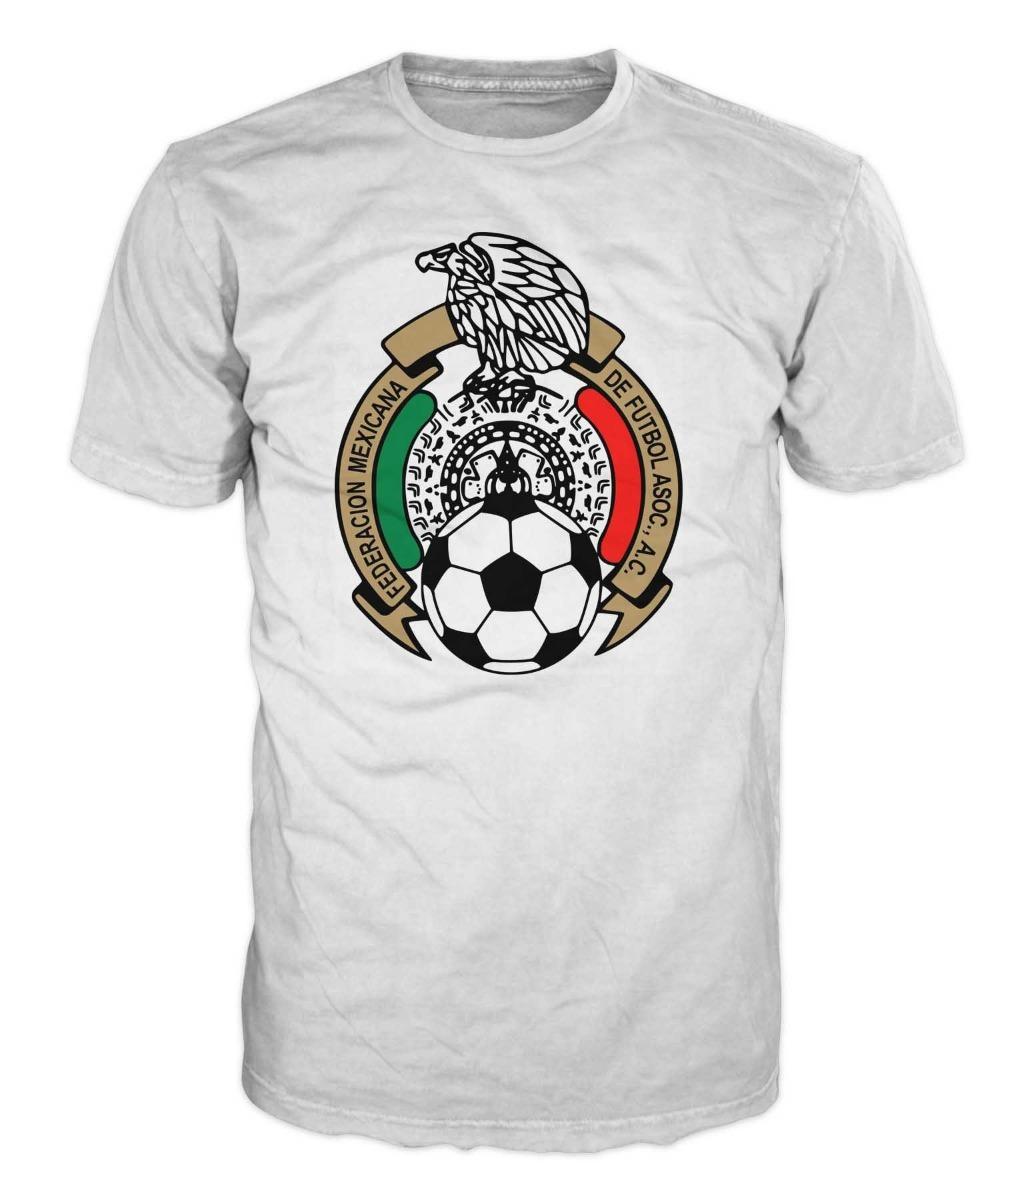 e9099e57030c1 Playera Futbol Mexico Mundial Seleccion Mexicana De -   99.90 en ...